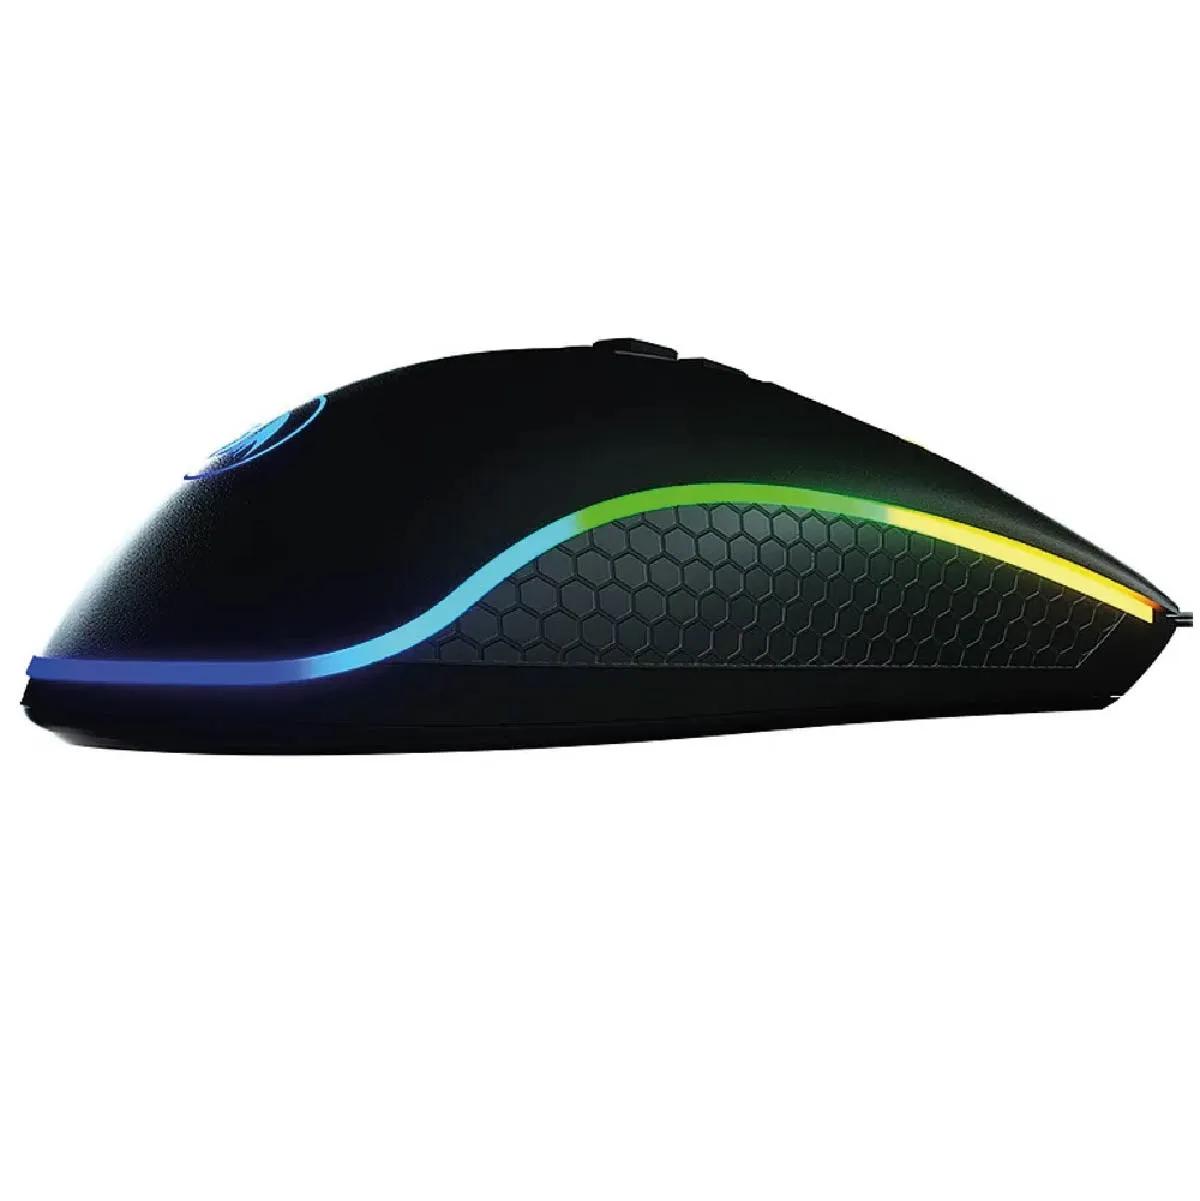 Mouse King Cobra Redragon Gamer M711-fps PIXART PMW3360 RGB